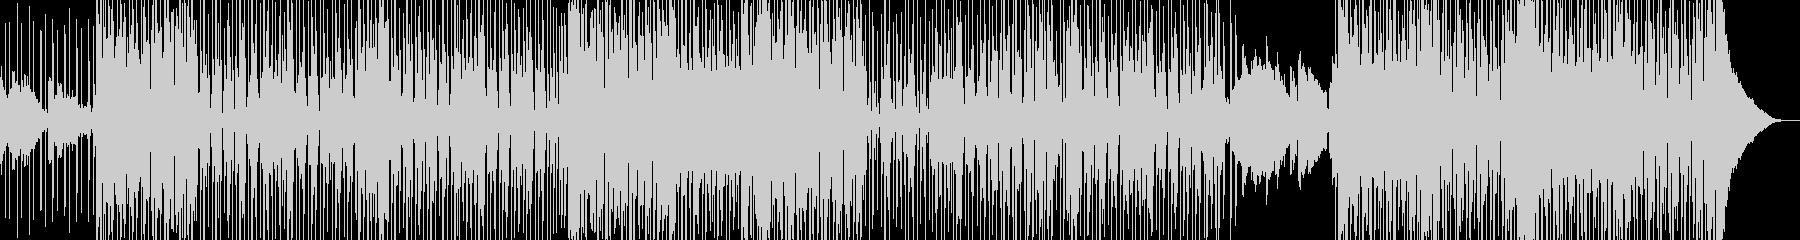 オシャレ切ない・変則的R&B・シンセ無しの未再生の波形